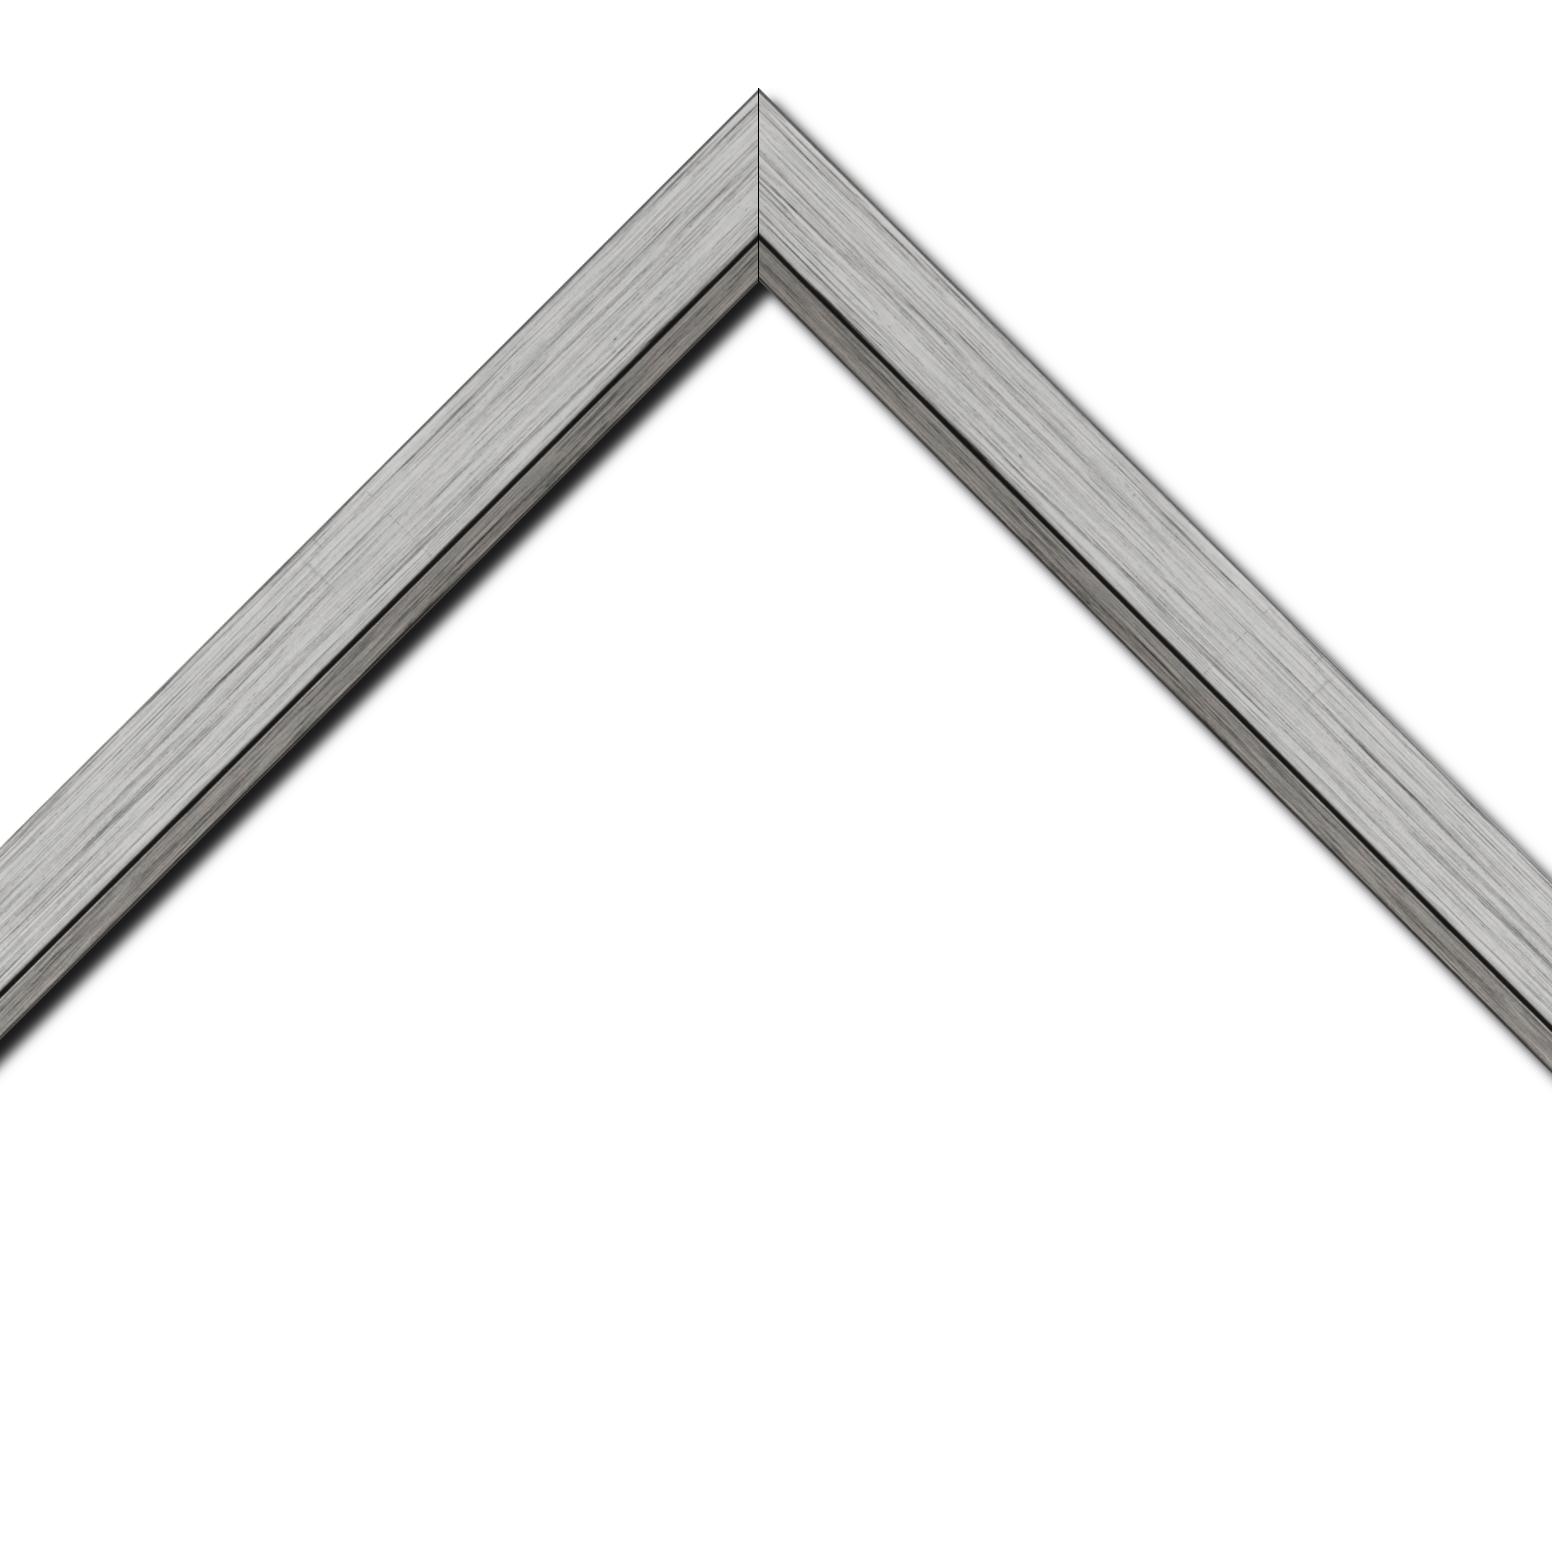 Baguette bois profil plat largeur 3.3cm couleur argent filet plomb